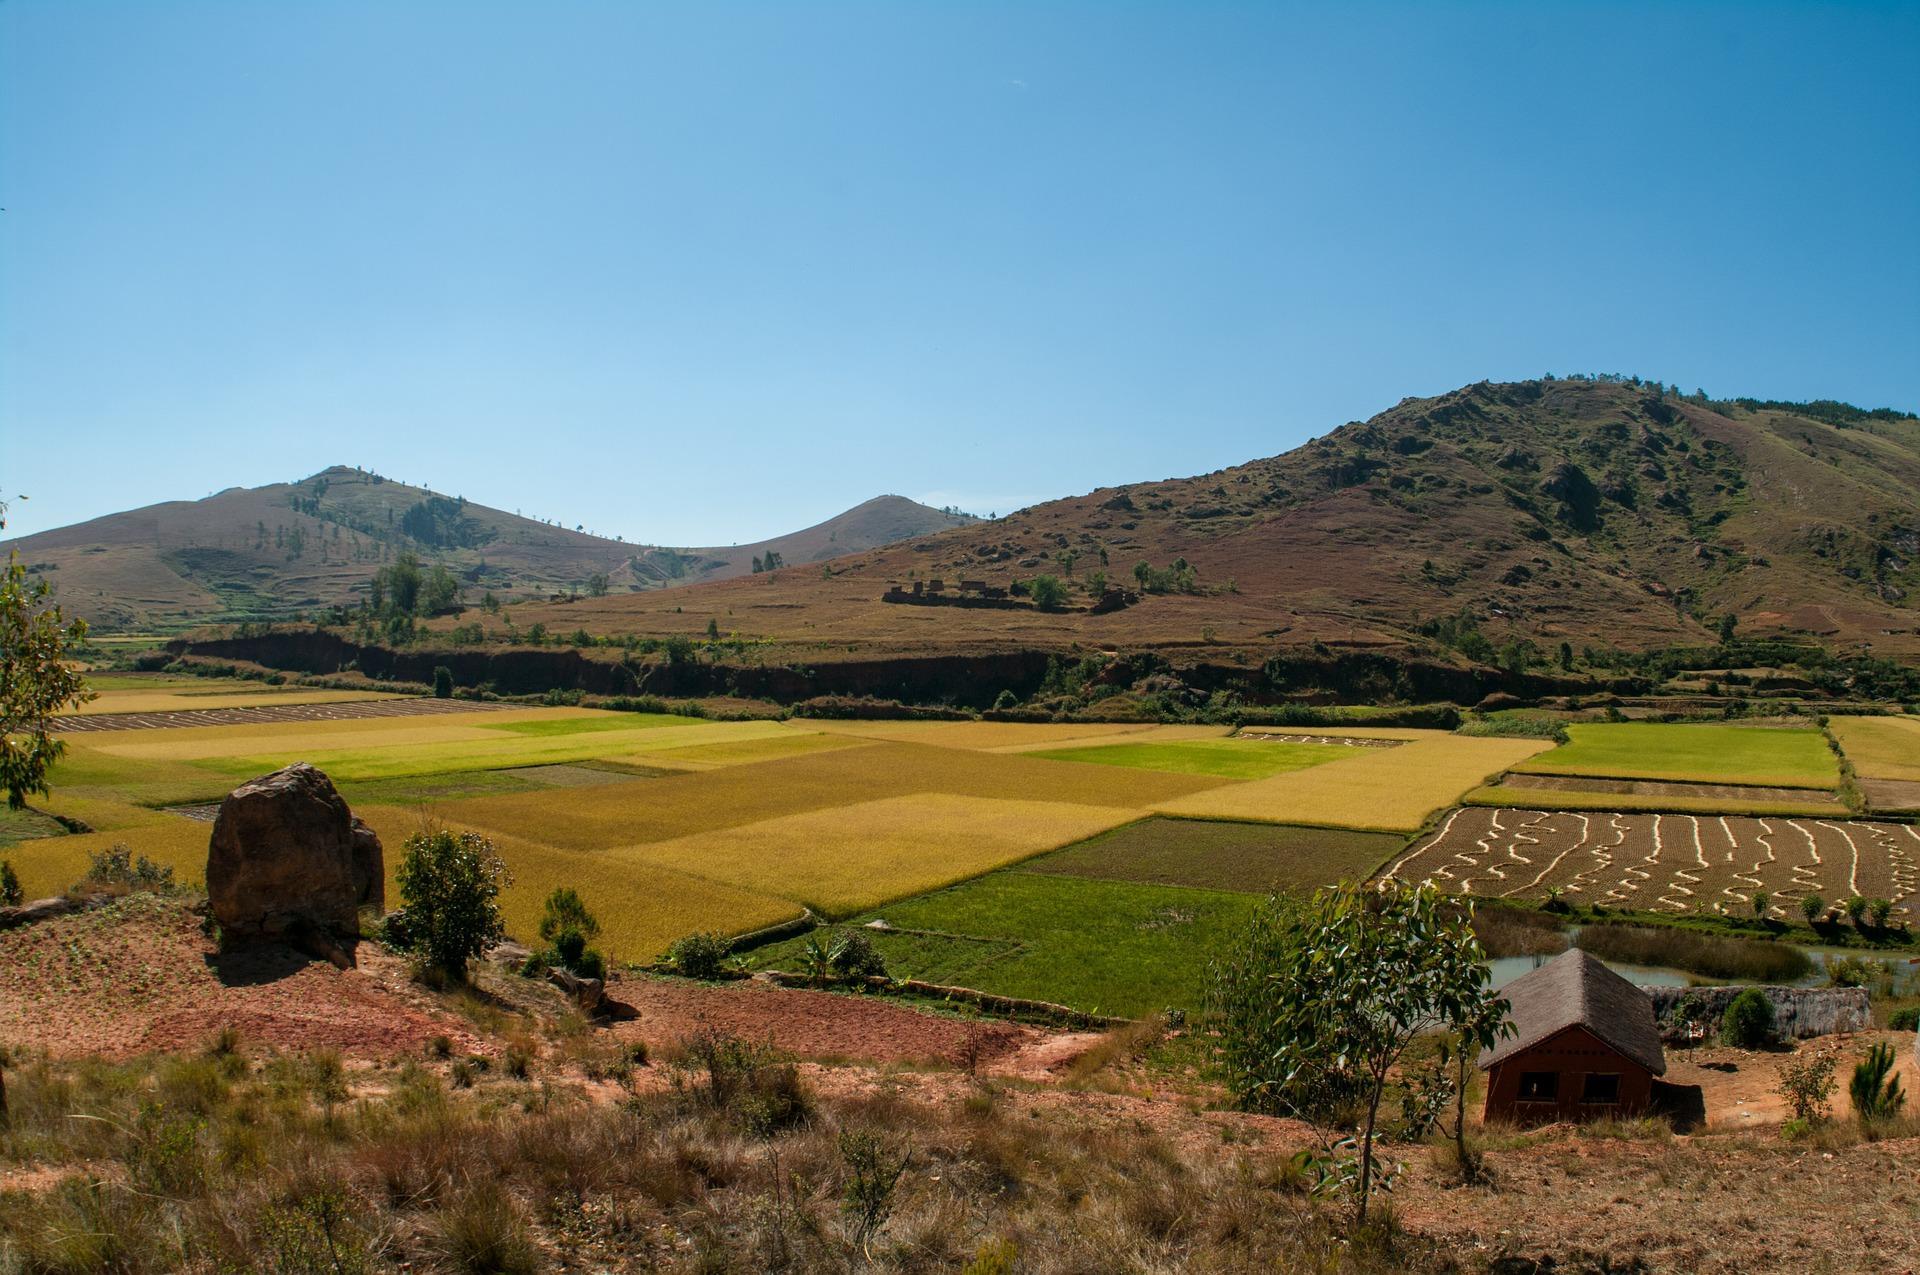 Windenergieanlage im Landschaftsschutzgebiet